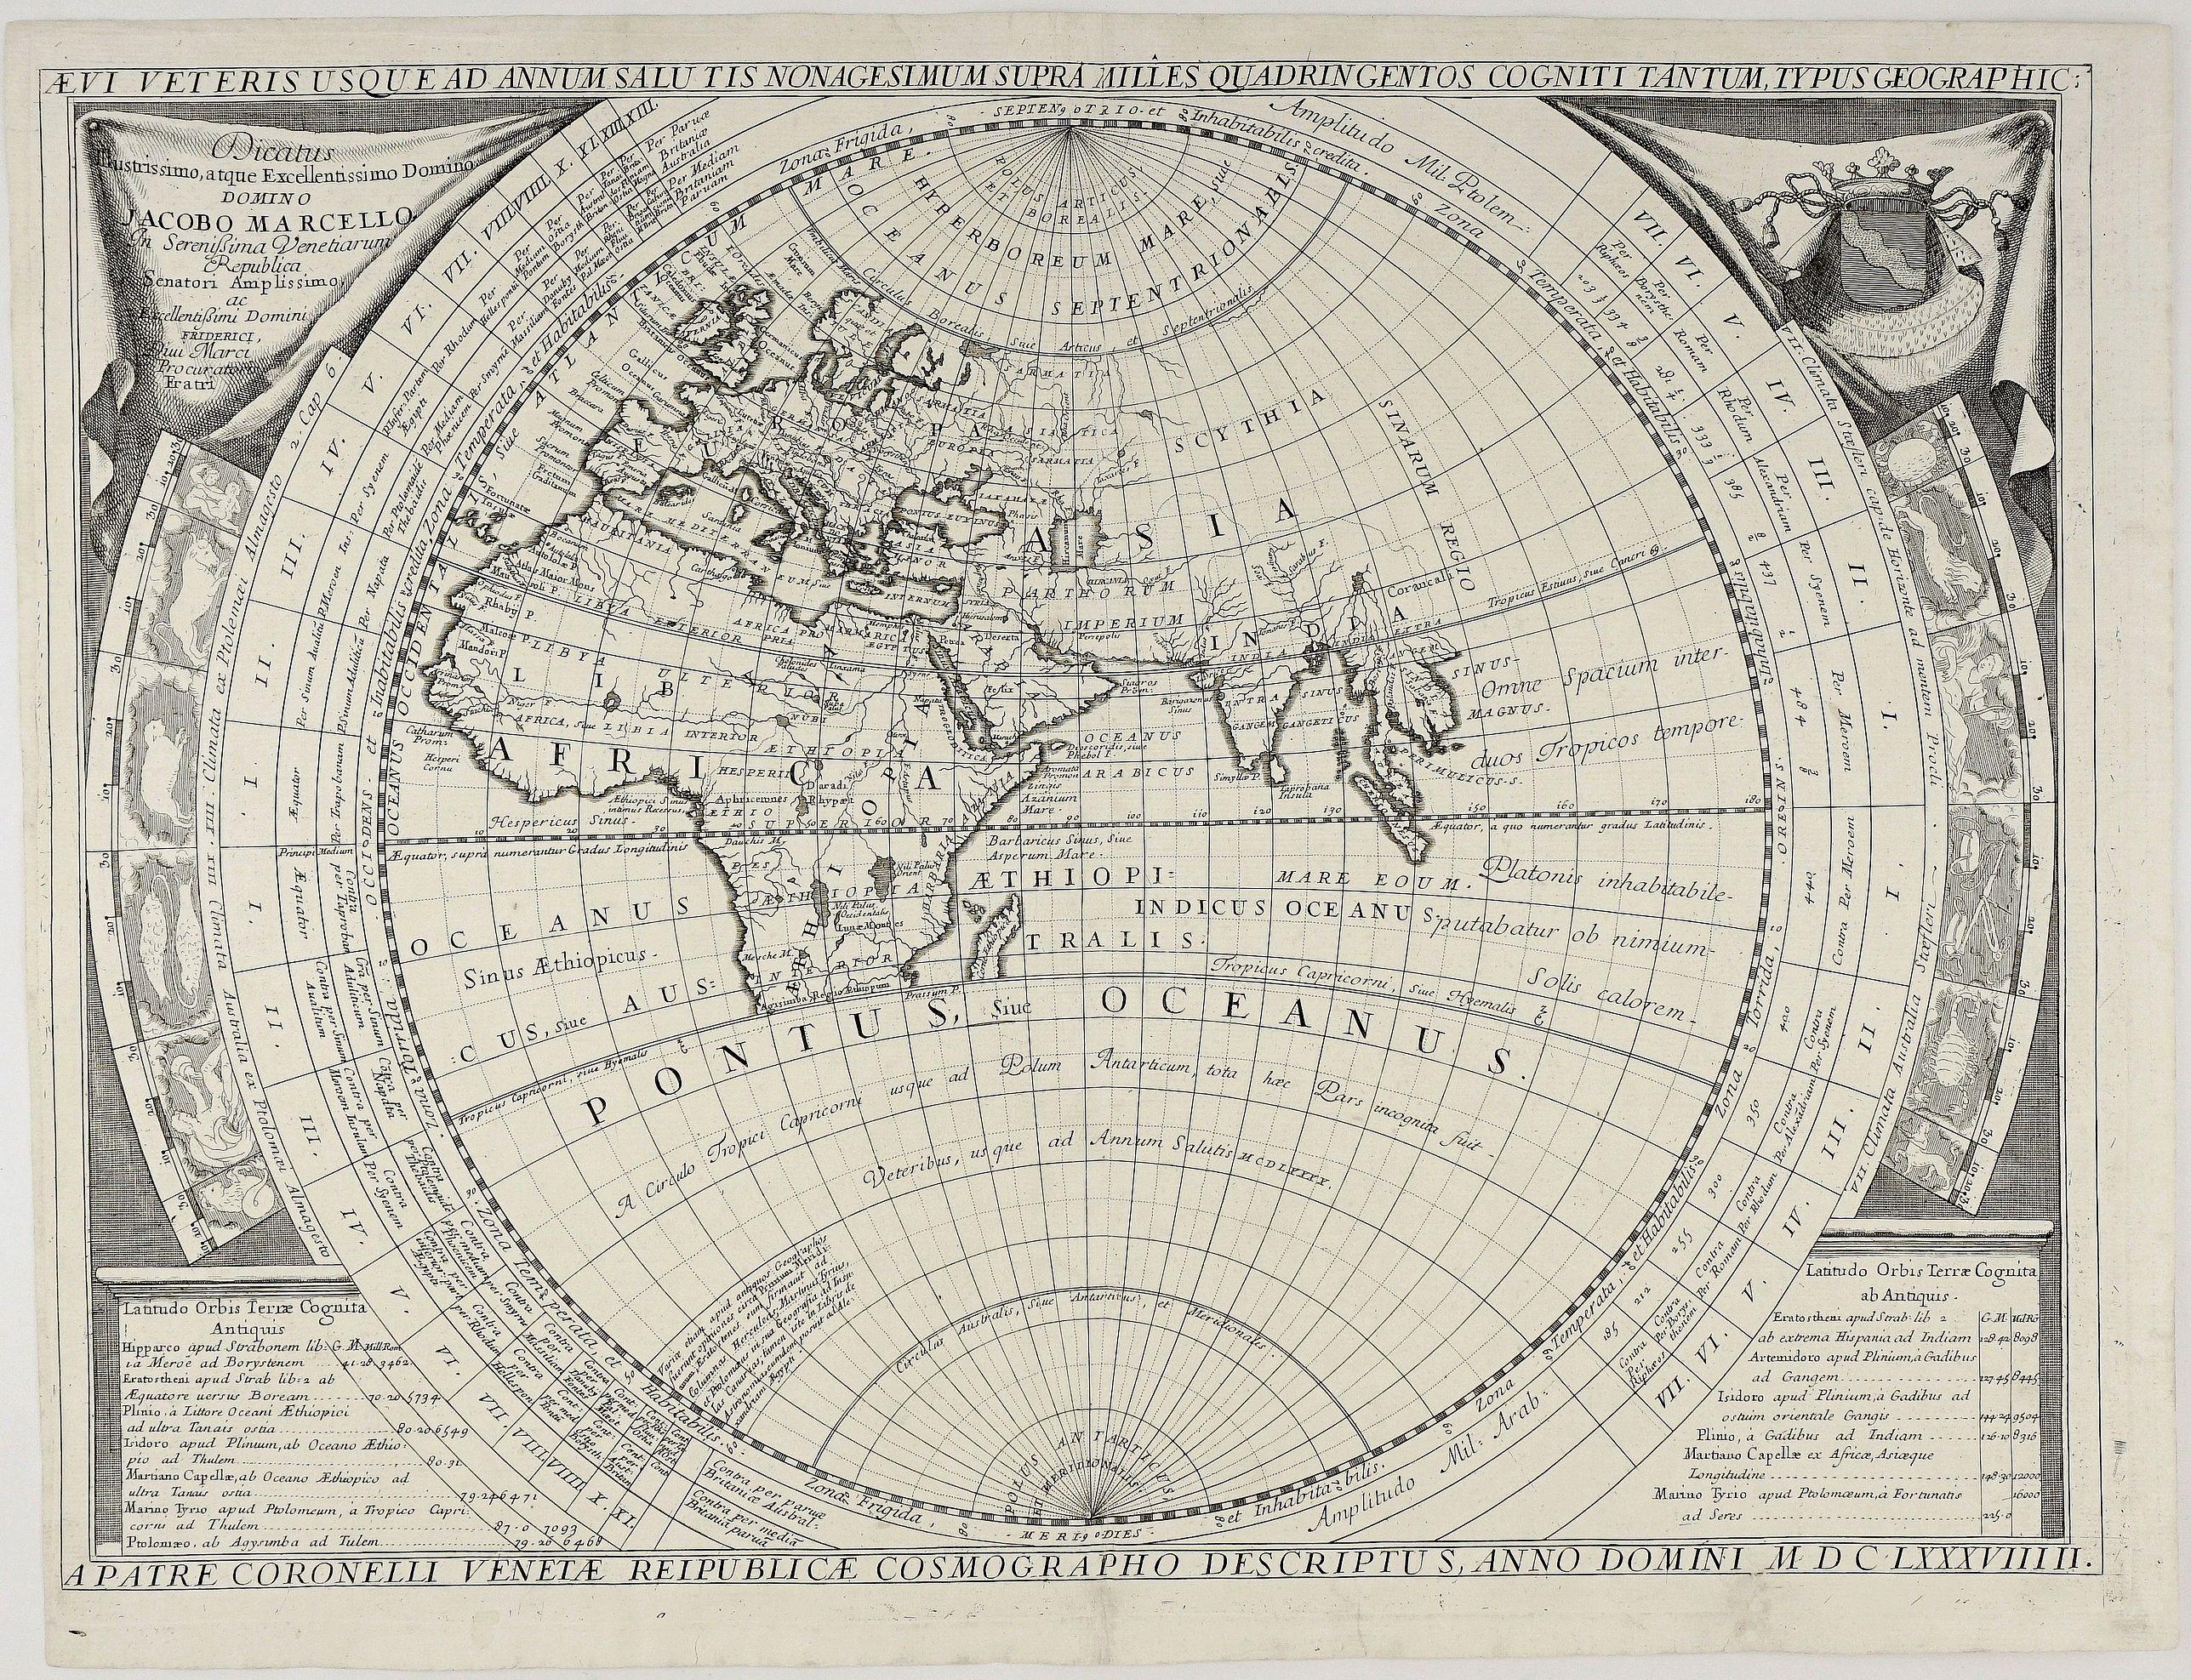 CORONELLI, V. M. - Aevi Veteris Usque Ad Annum Salutis Nonagesimum Supra Milles Quaringentos Cogniti Tantum Typus Geogrpahic:… MDCLXXXVIIIII.